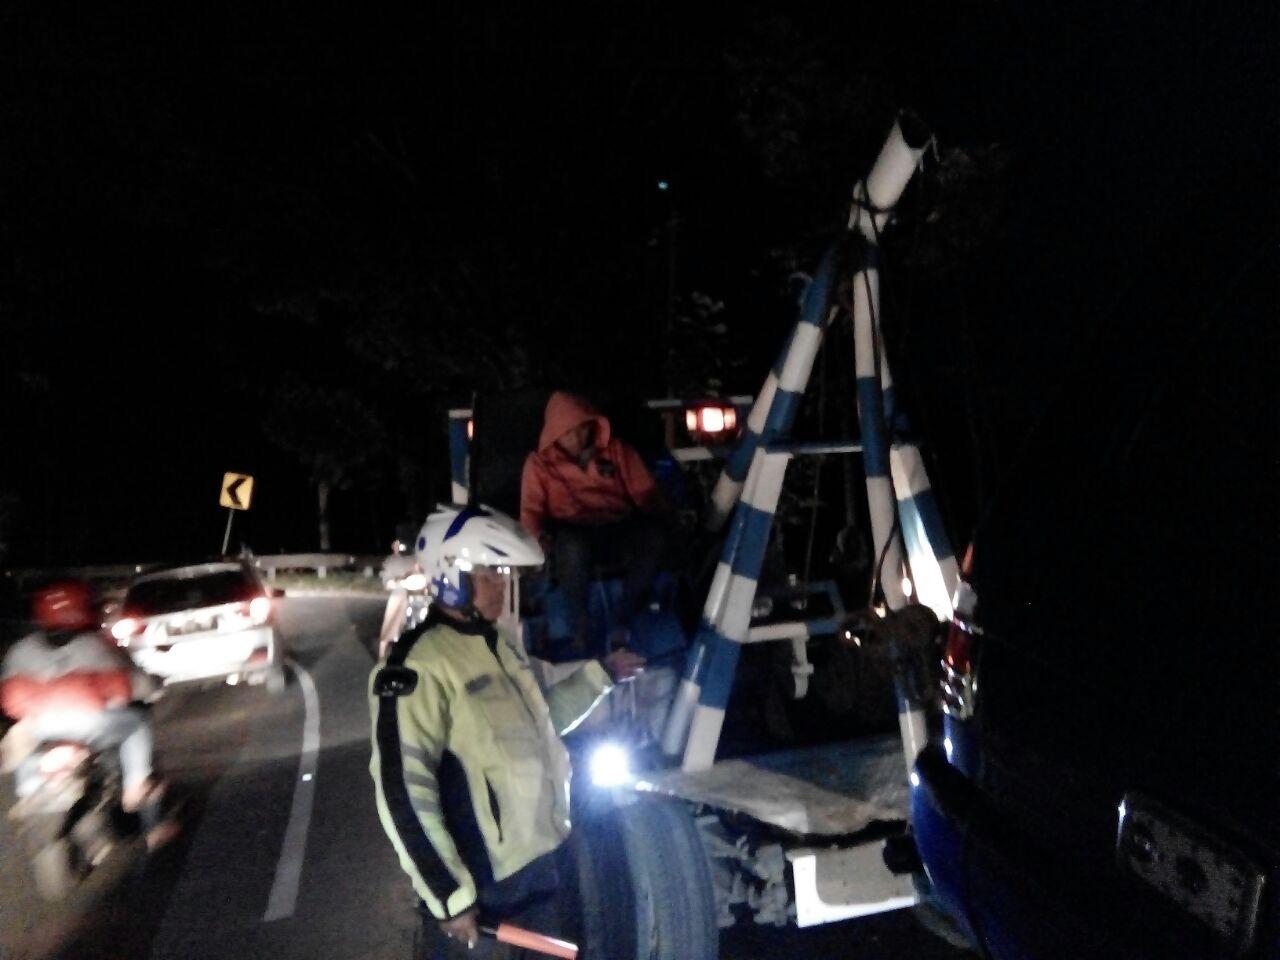 Quick Respon Anggota Polres Batu Membantu Mobil Yang Mogok